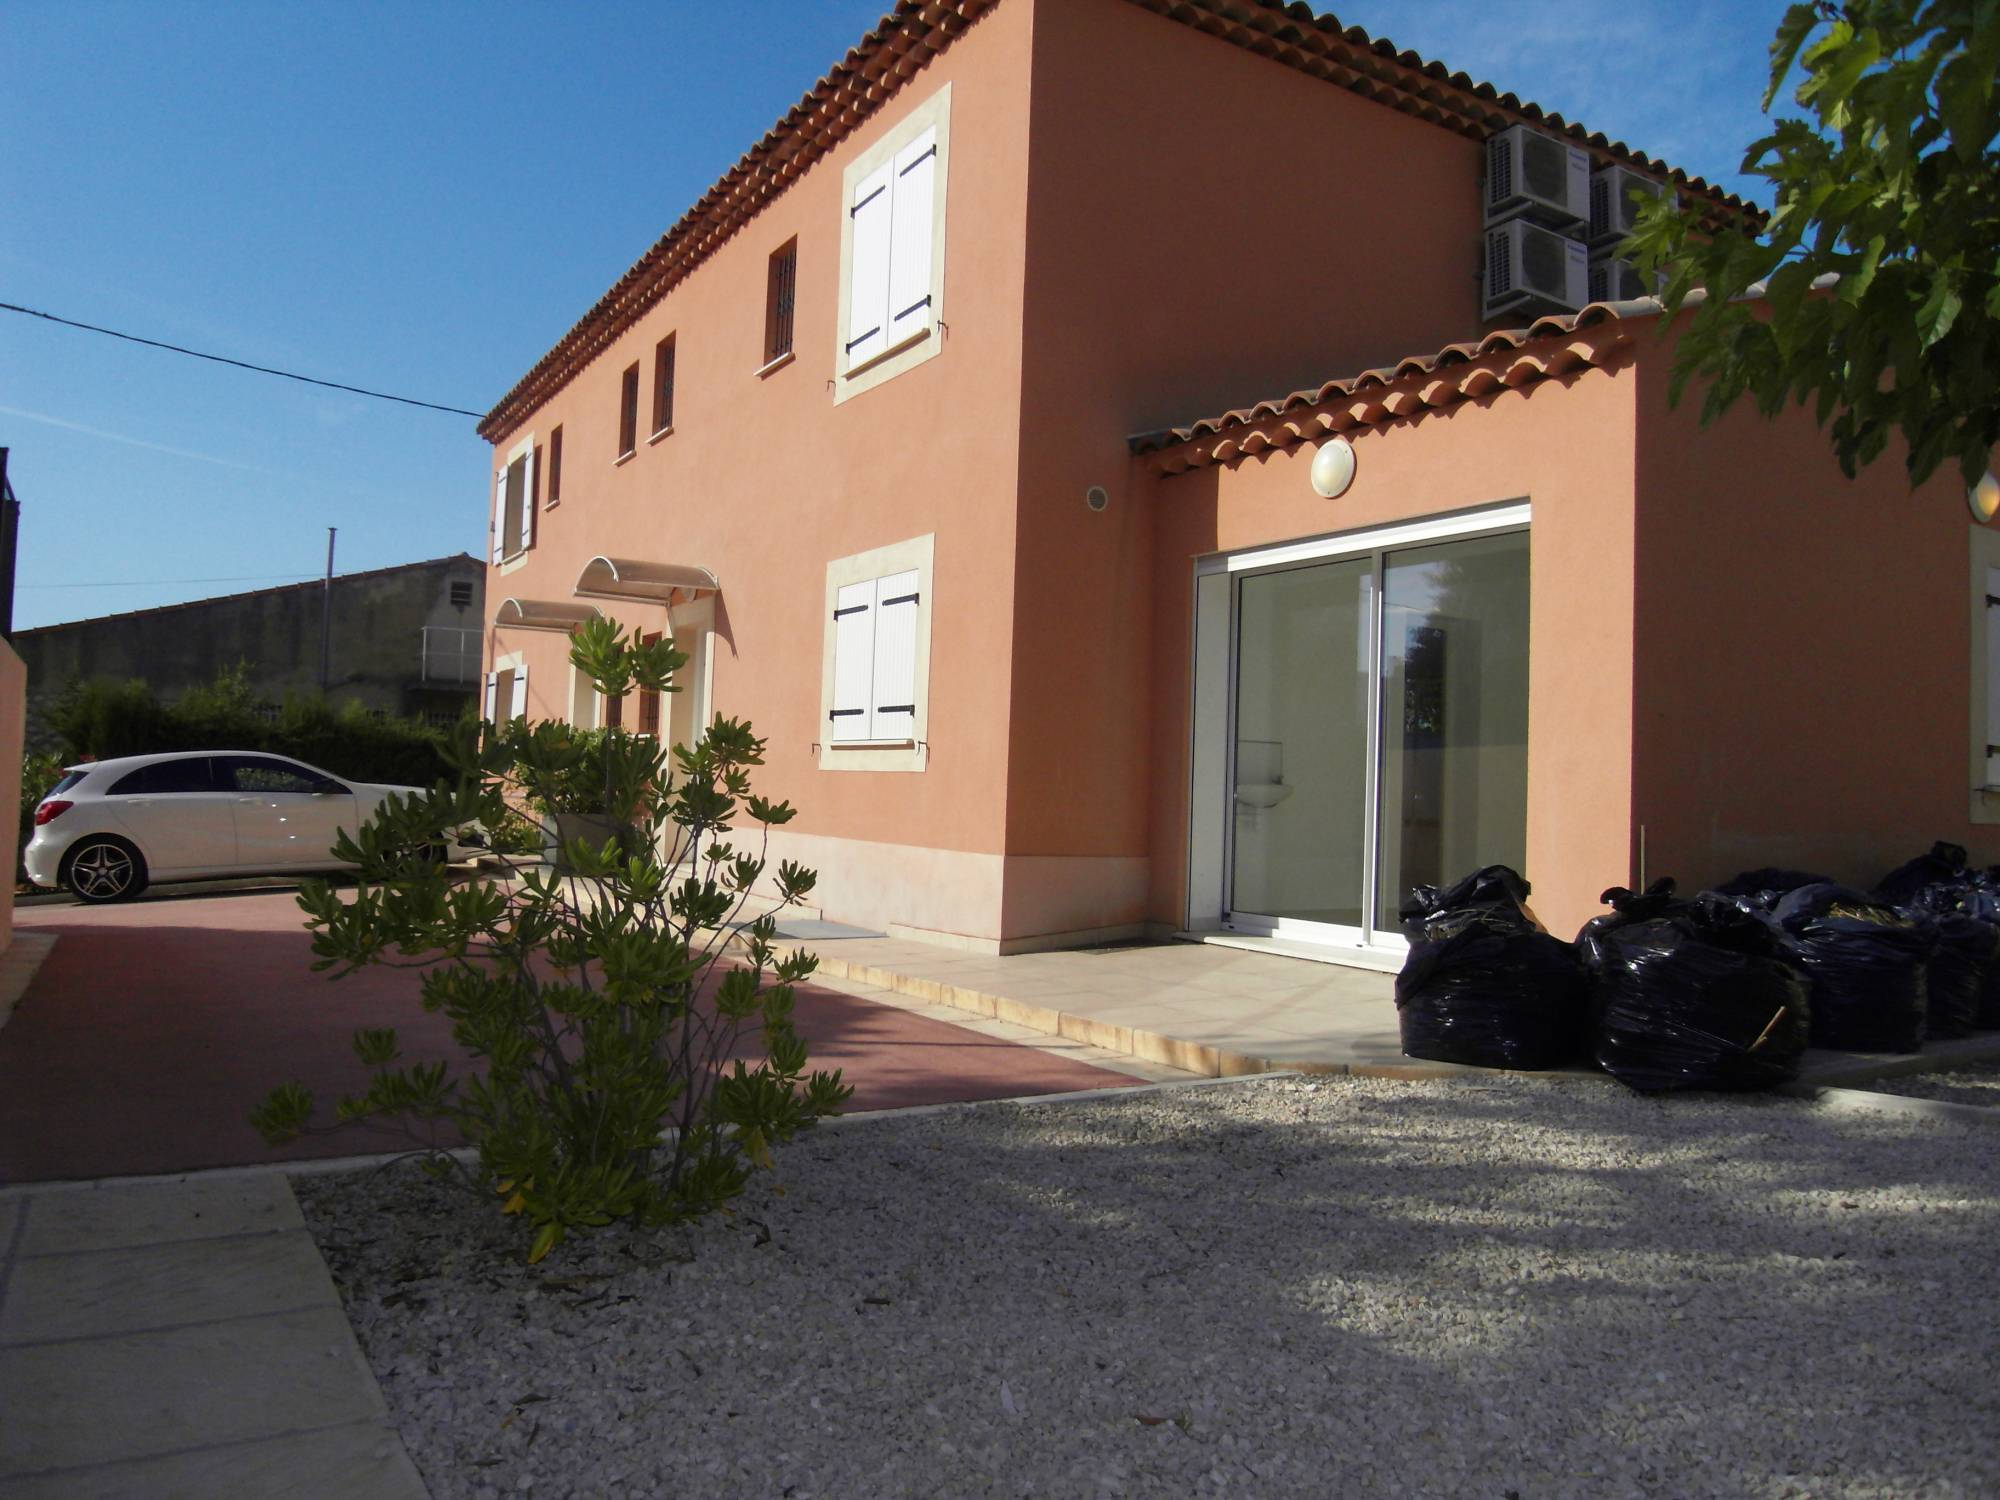 maison louer 13380 plan de cuques maison 5 pi ces avec terrasse privative agence immobili re